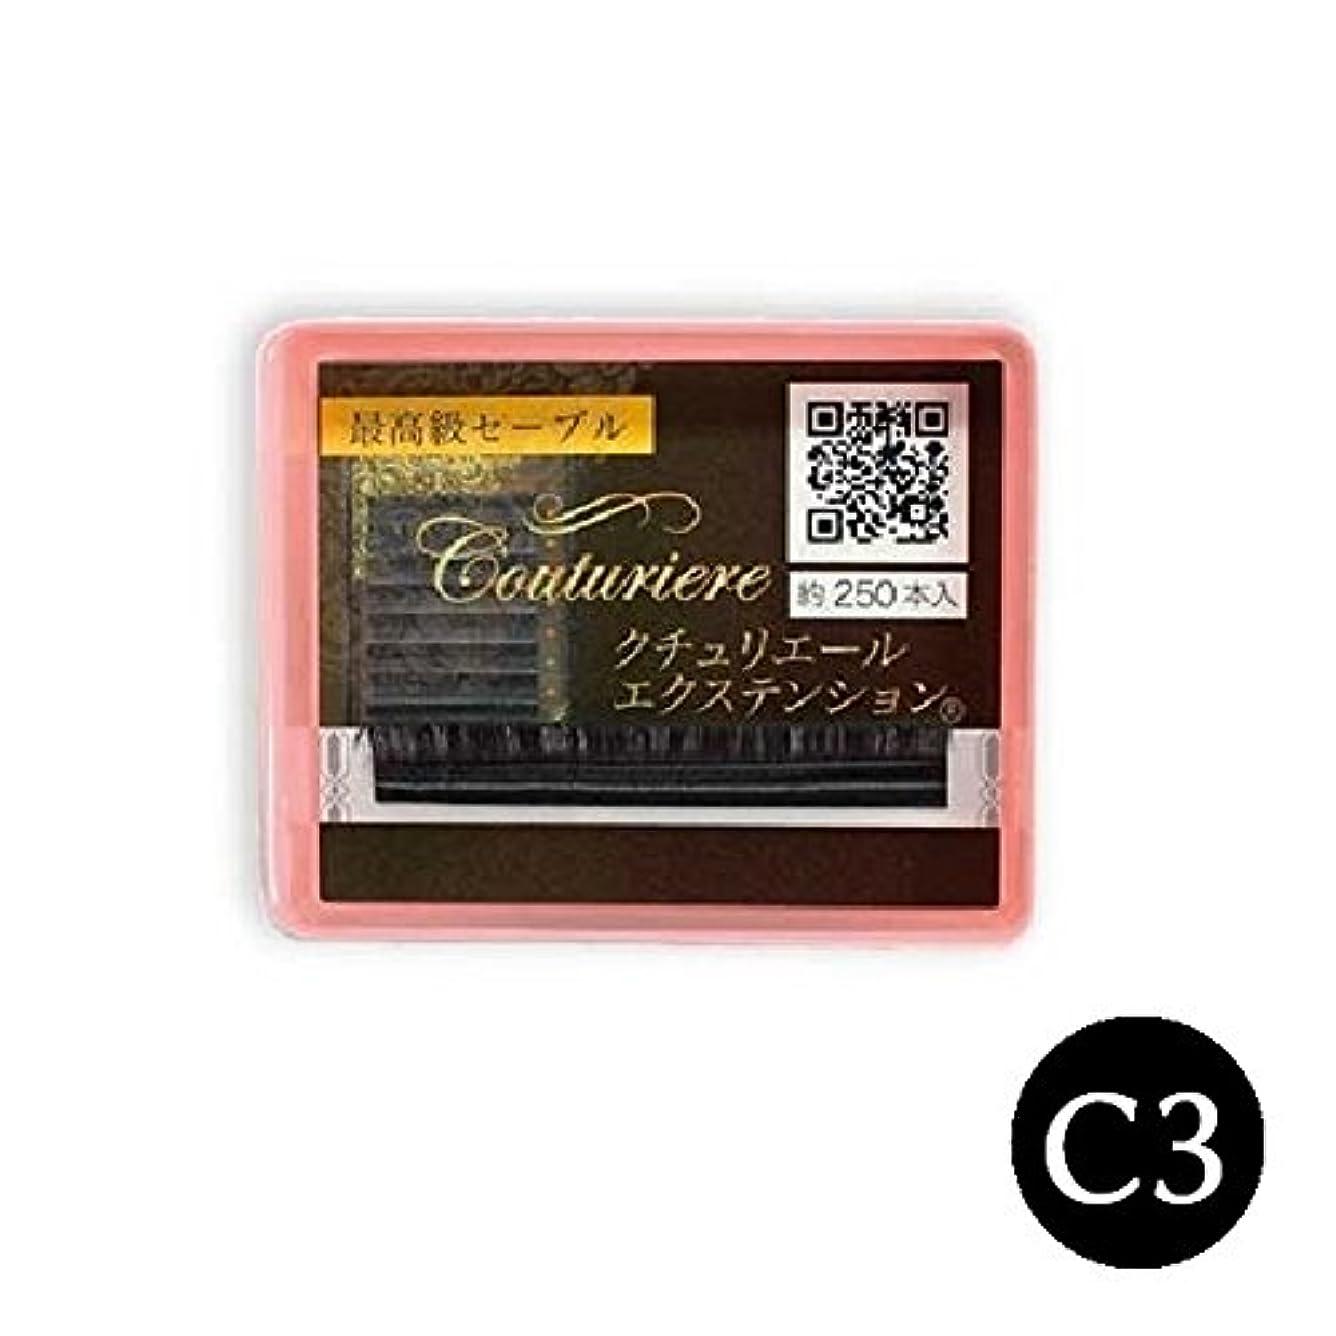 略奪操作可能宮殿まつげエクステ マツエク クチュリエール C3カール (1列) (0.15mm 11mm)